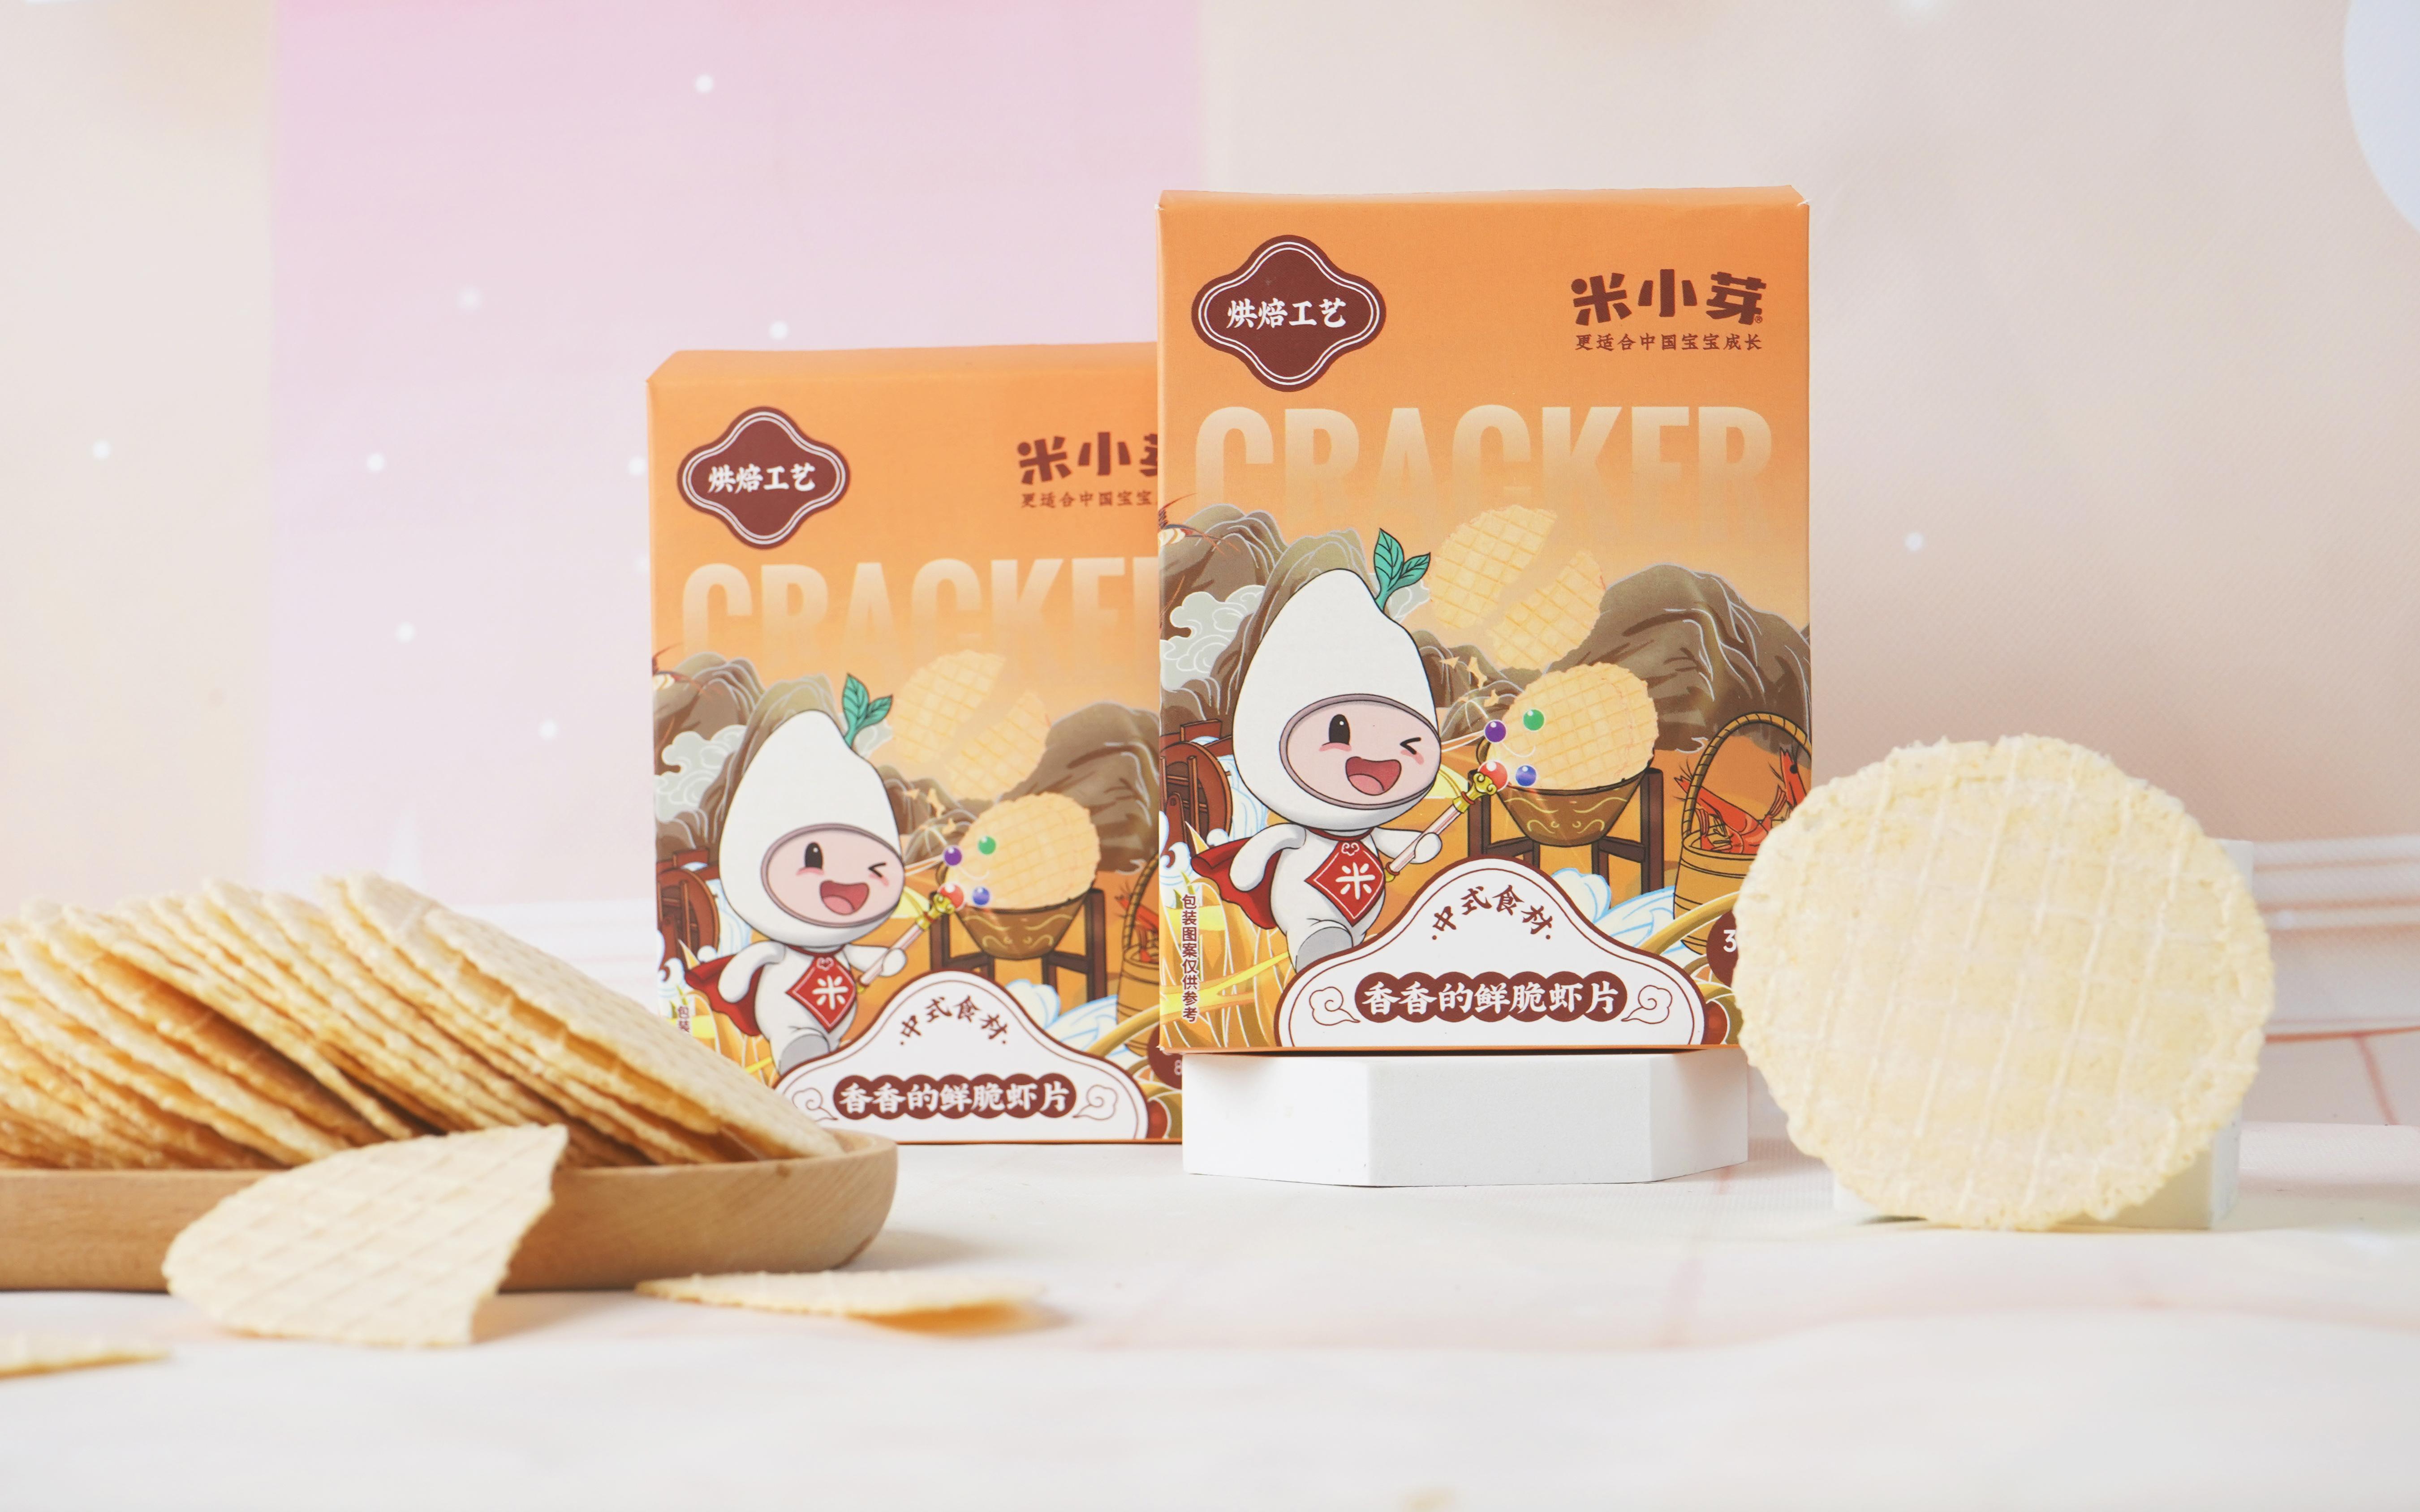 从宝宝米转型中式婴童食品,「米小芽」如何实现母婴辅食新增长?